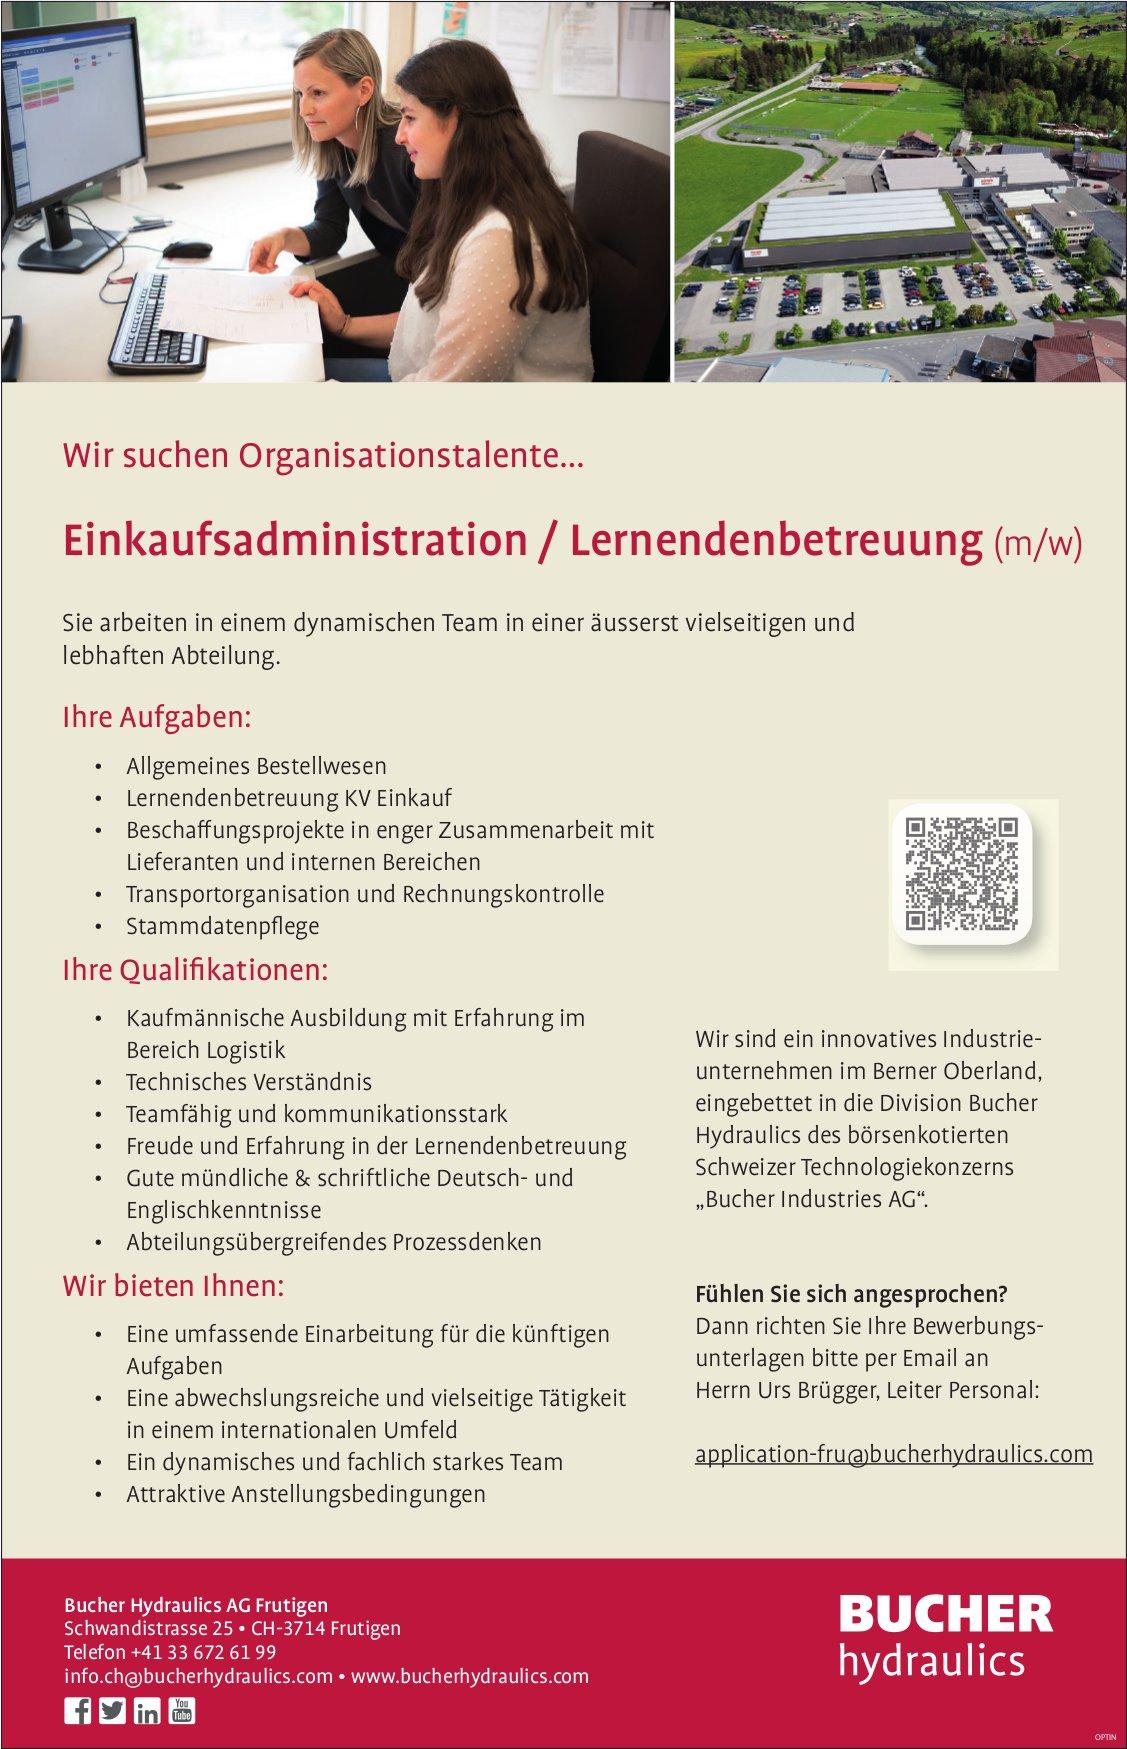 Einkaufsadministration/Lernendenbetreuung (m/w), Bucher Hydraulics AG, Frutigen, gesucht